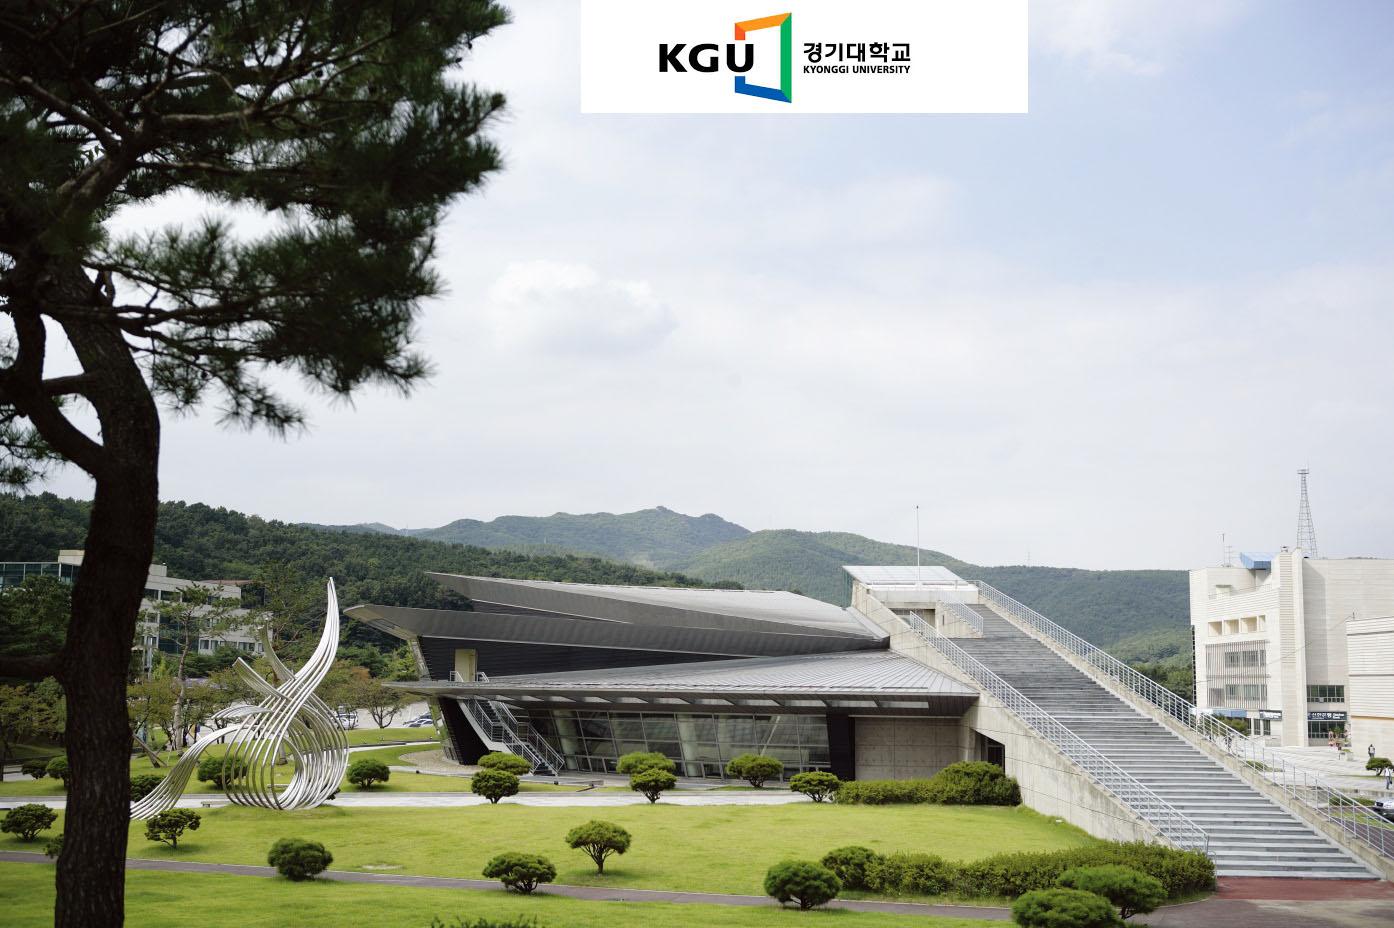 Cơ sở trường đại học Kyonggi